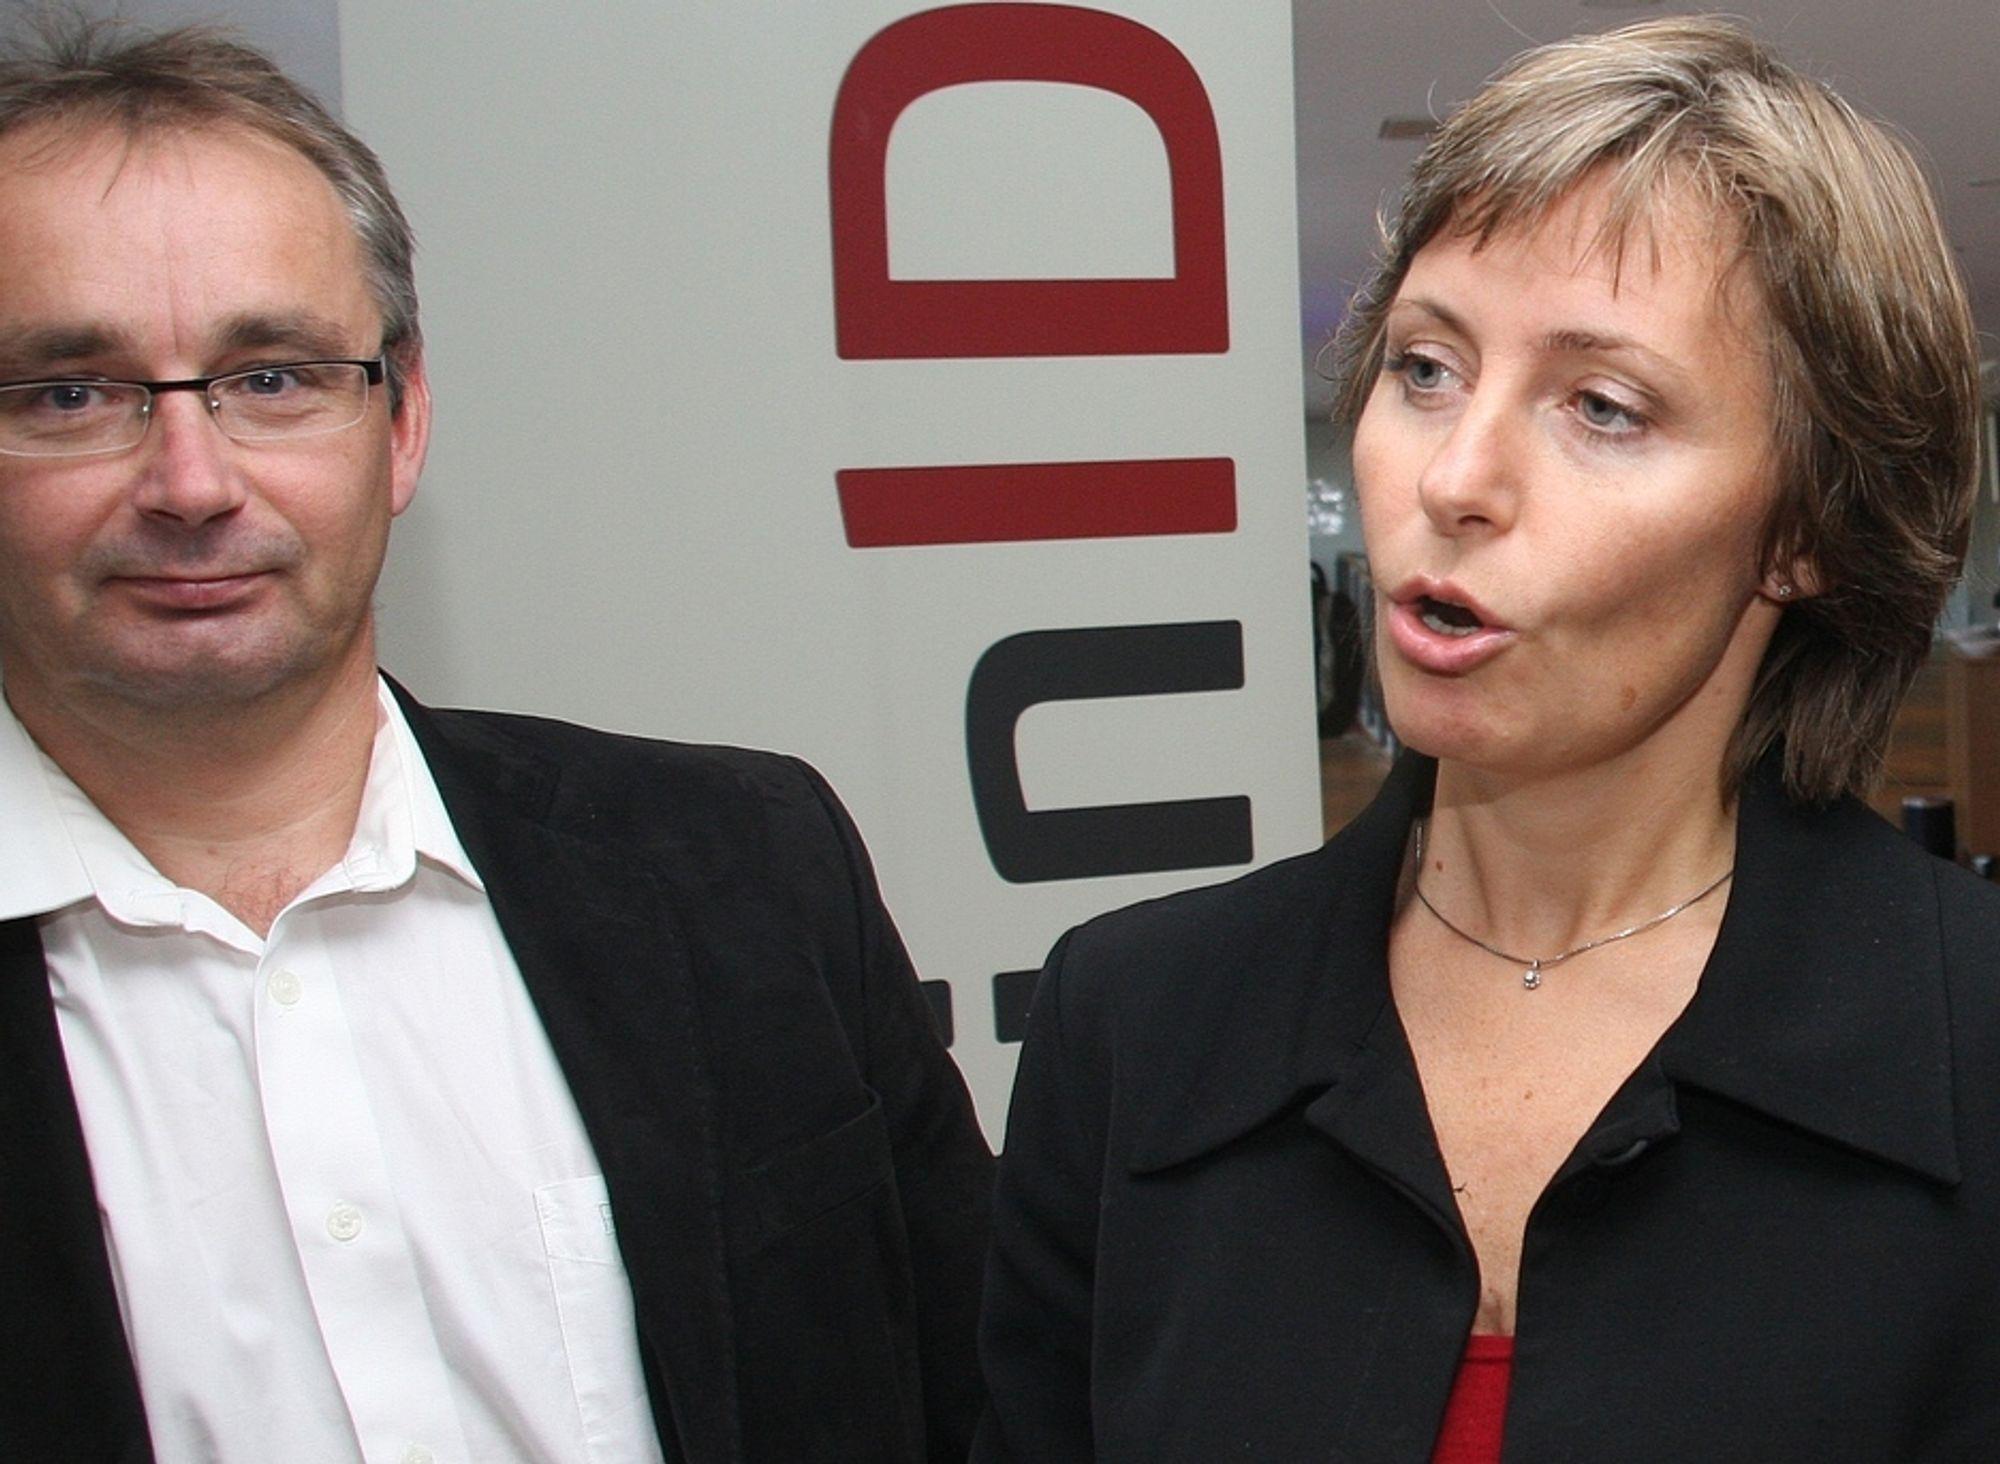 VOKSER: Seniorrådgiver Olav Skarsbø og prosjektleder Lise Nilsen hos Difi står sentralt i arbeidet med statens egen påloggingsløsning MinID, som har pådratt seg to millioner brukere.